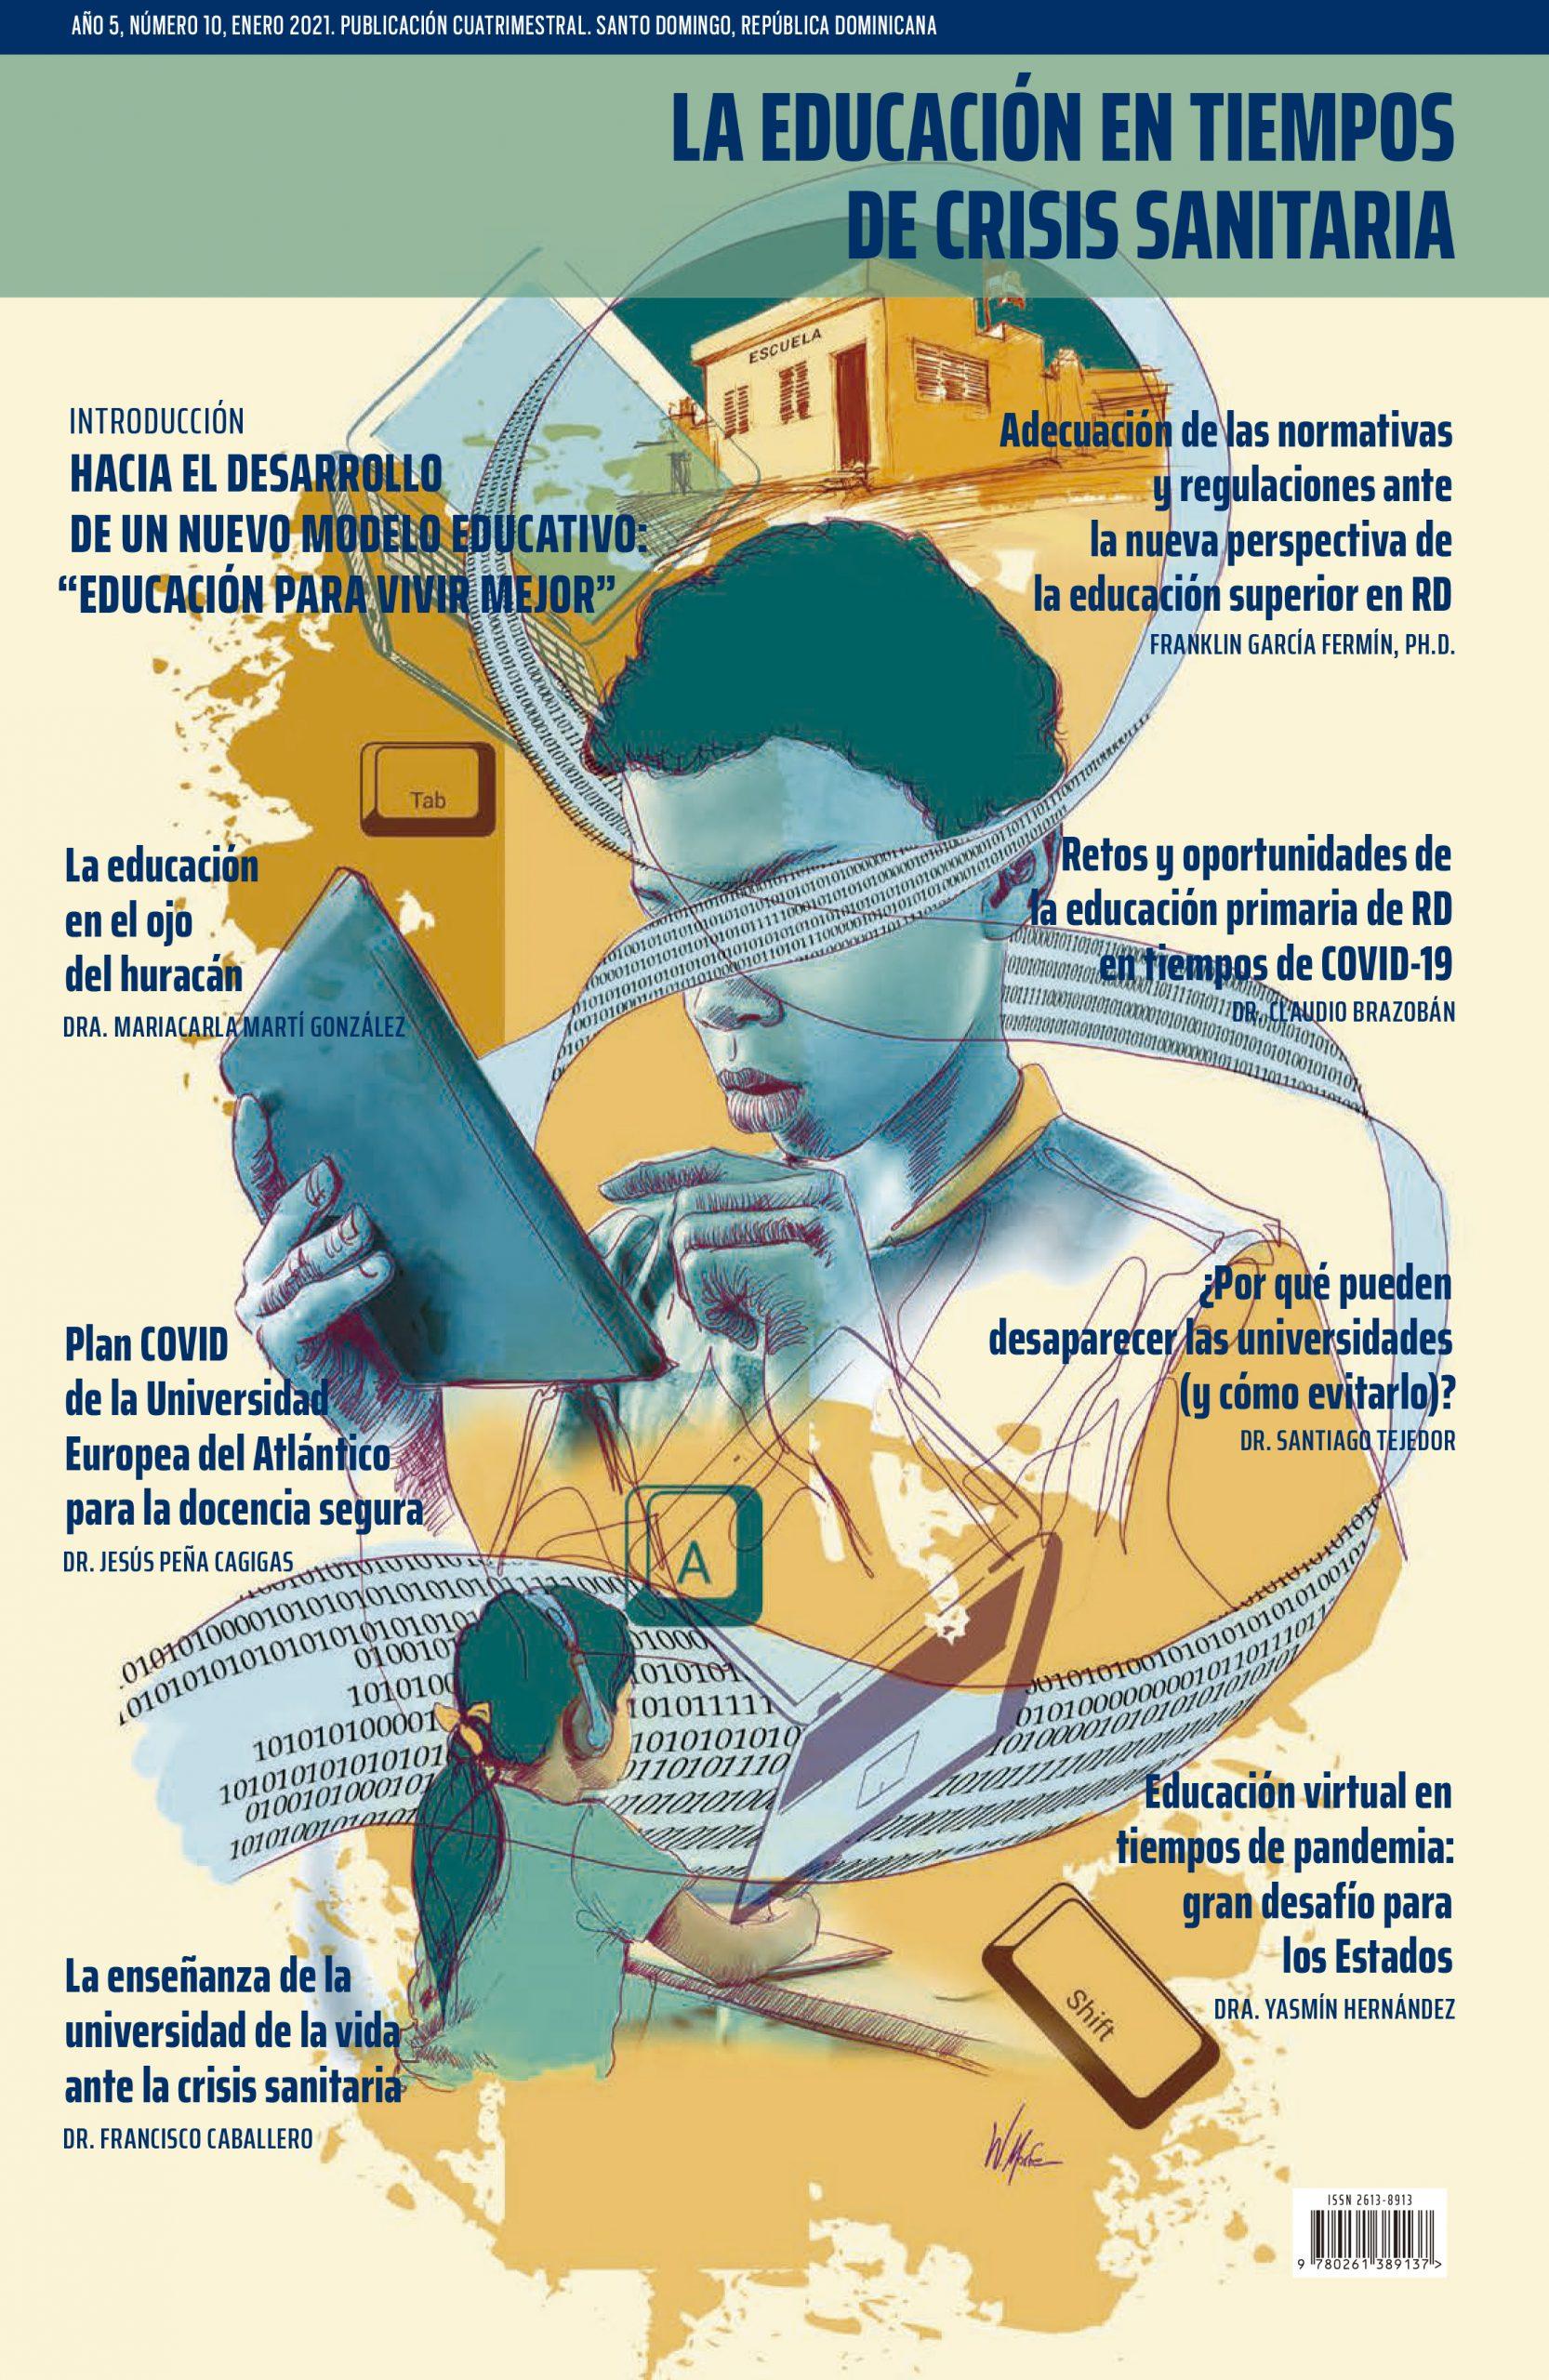 LA EDUCACIÓN EN TIEMPOS DE CRISIS SANITARIA